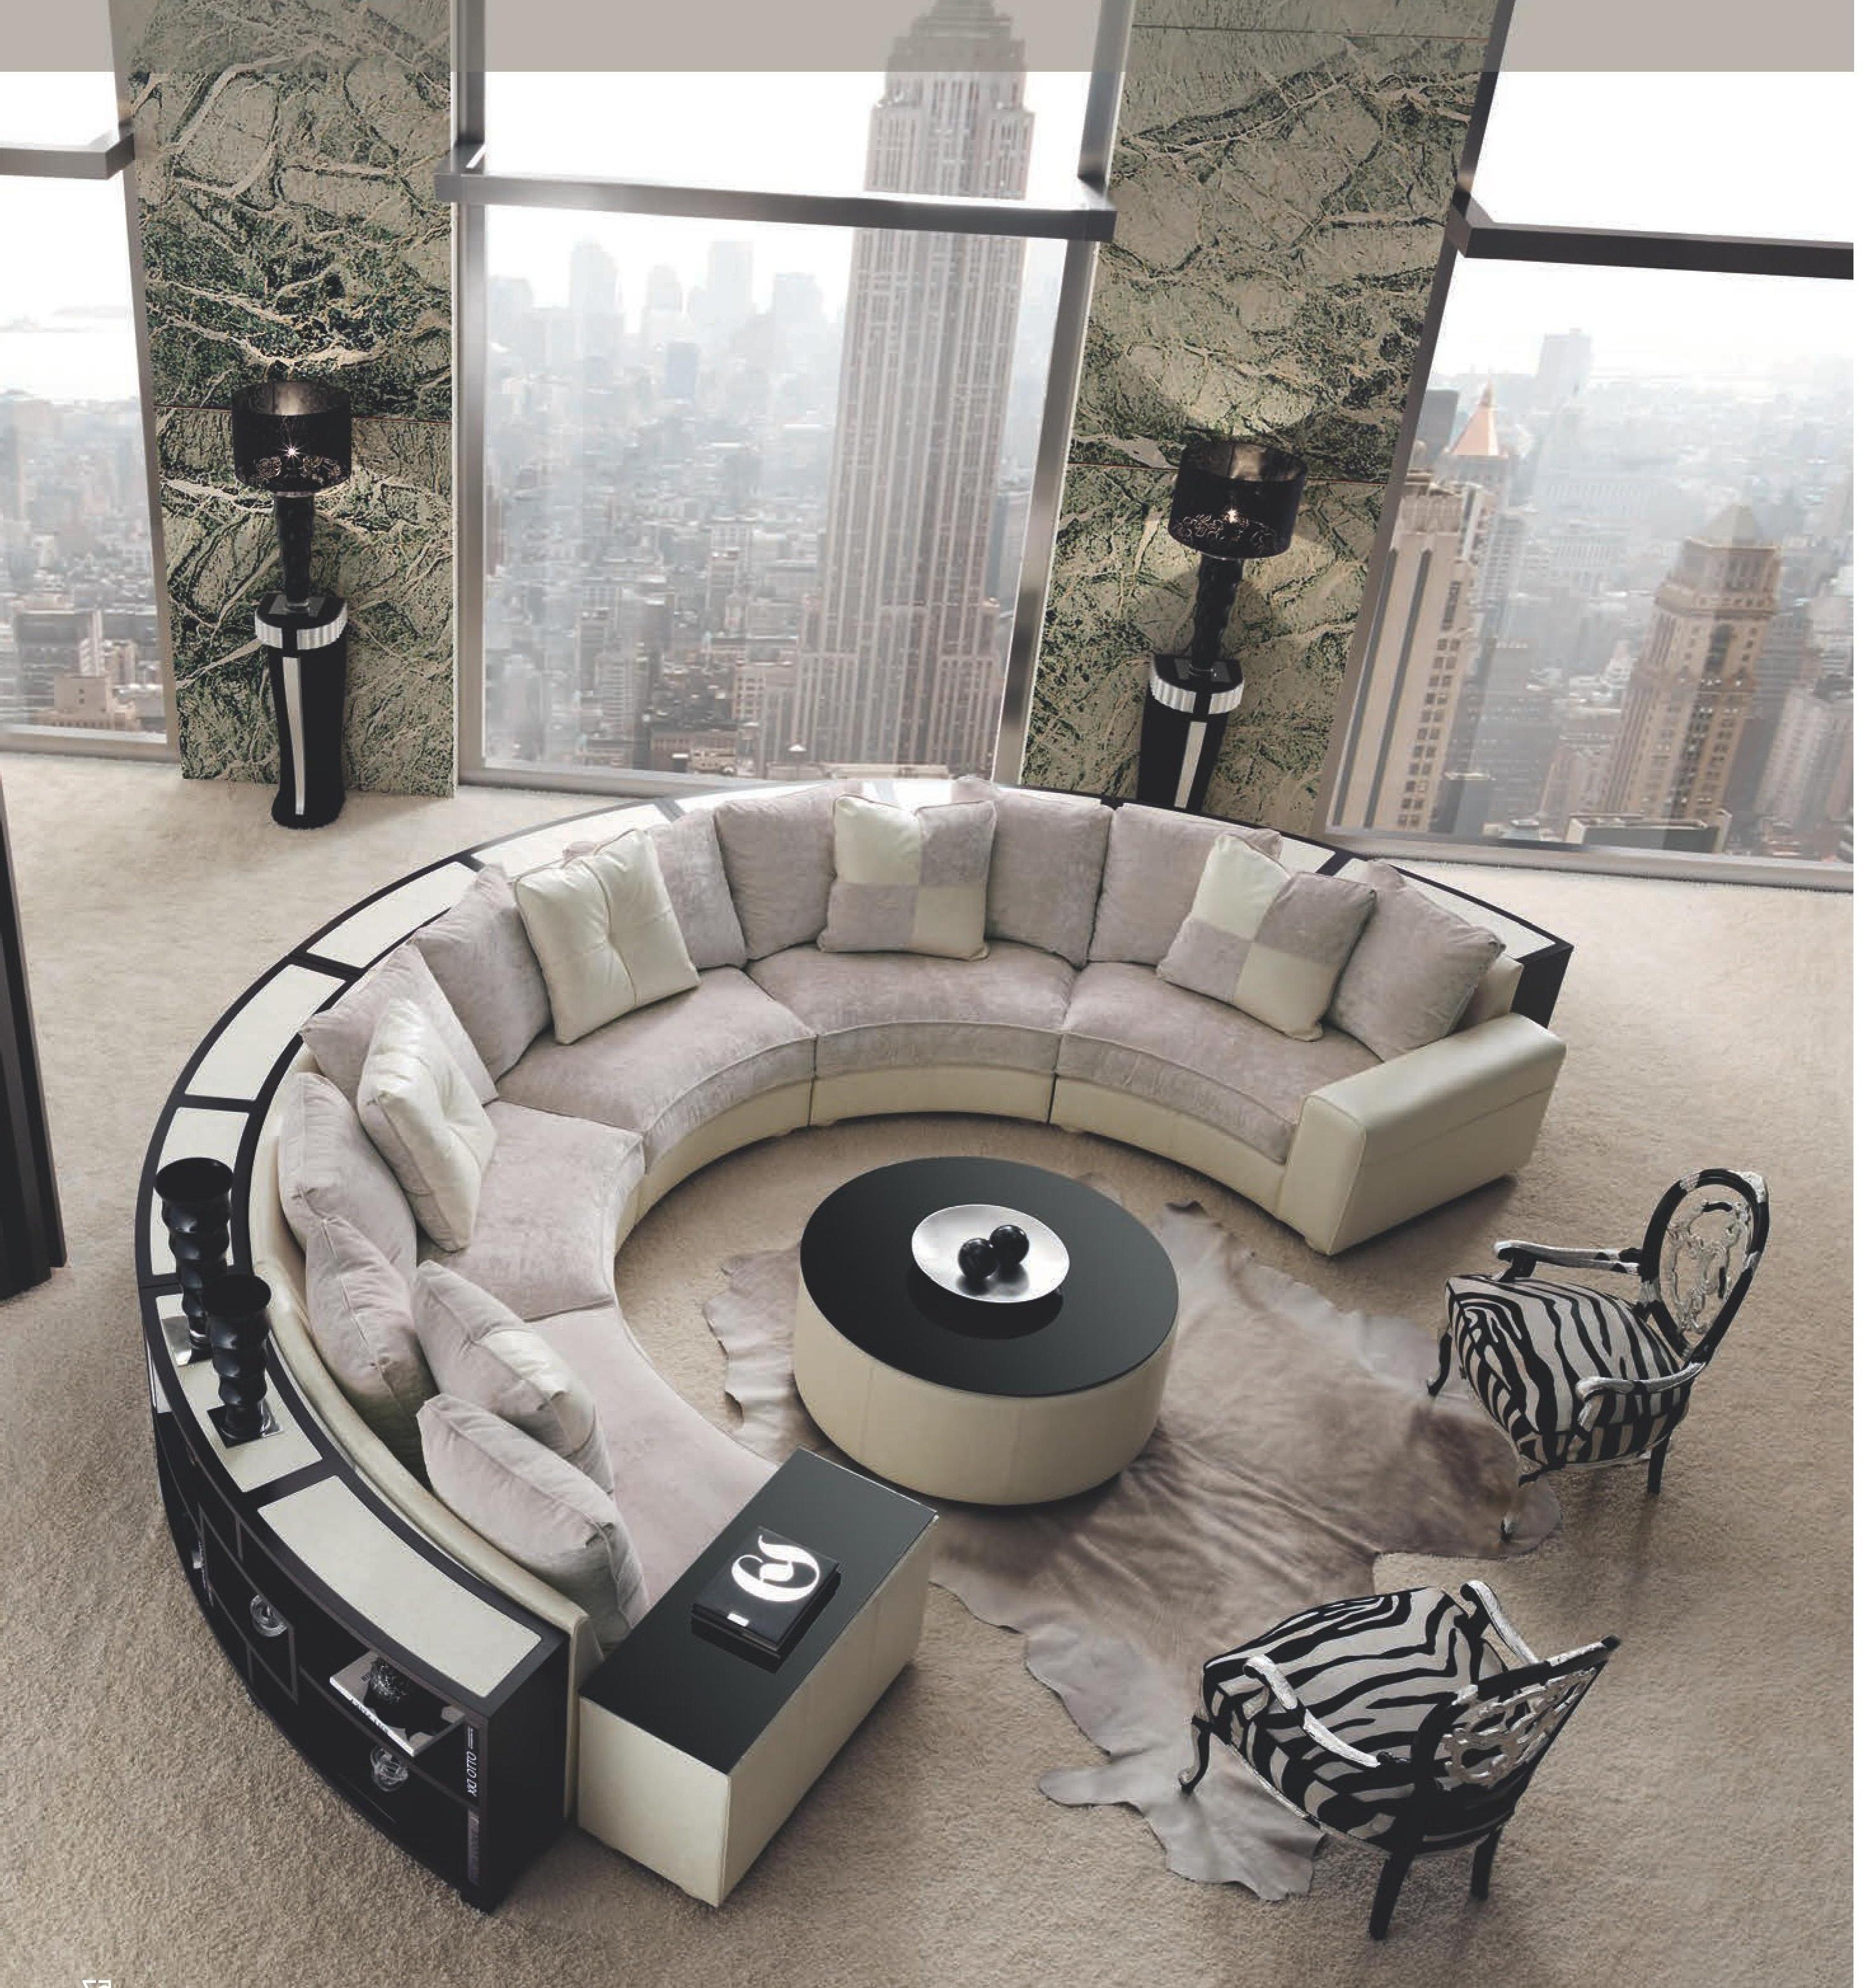 Sofas Redondos Bqdd Eccellente sofas Redondos Cheap sofa Moroso Redondo Design Patricia